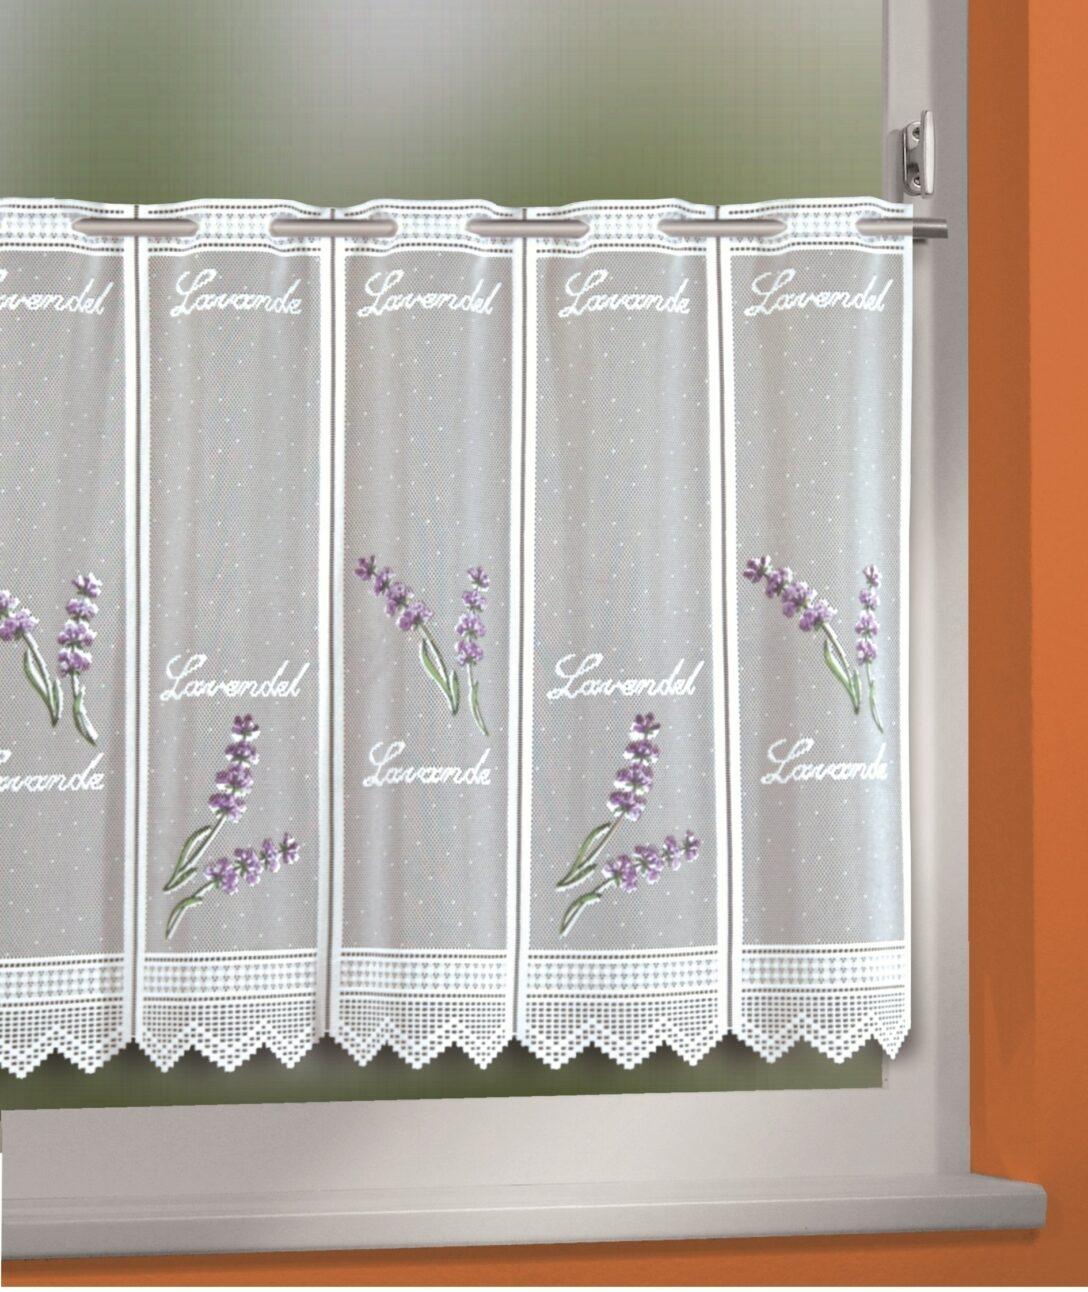 Large Size of Kchengardine Lavendel Wei Violett 150 45 Cm Sb Lagerkauf Niederdruck Armatur Küche Einbauküche Kaufen Holzküche Tapeten Für Die Nobilia Alno Gardine Wohnzimmer Küche Gardine